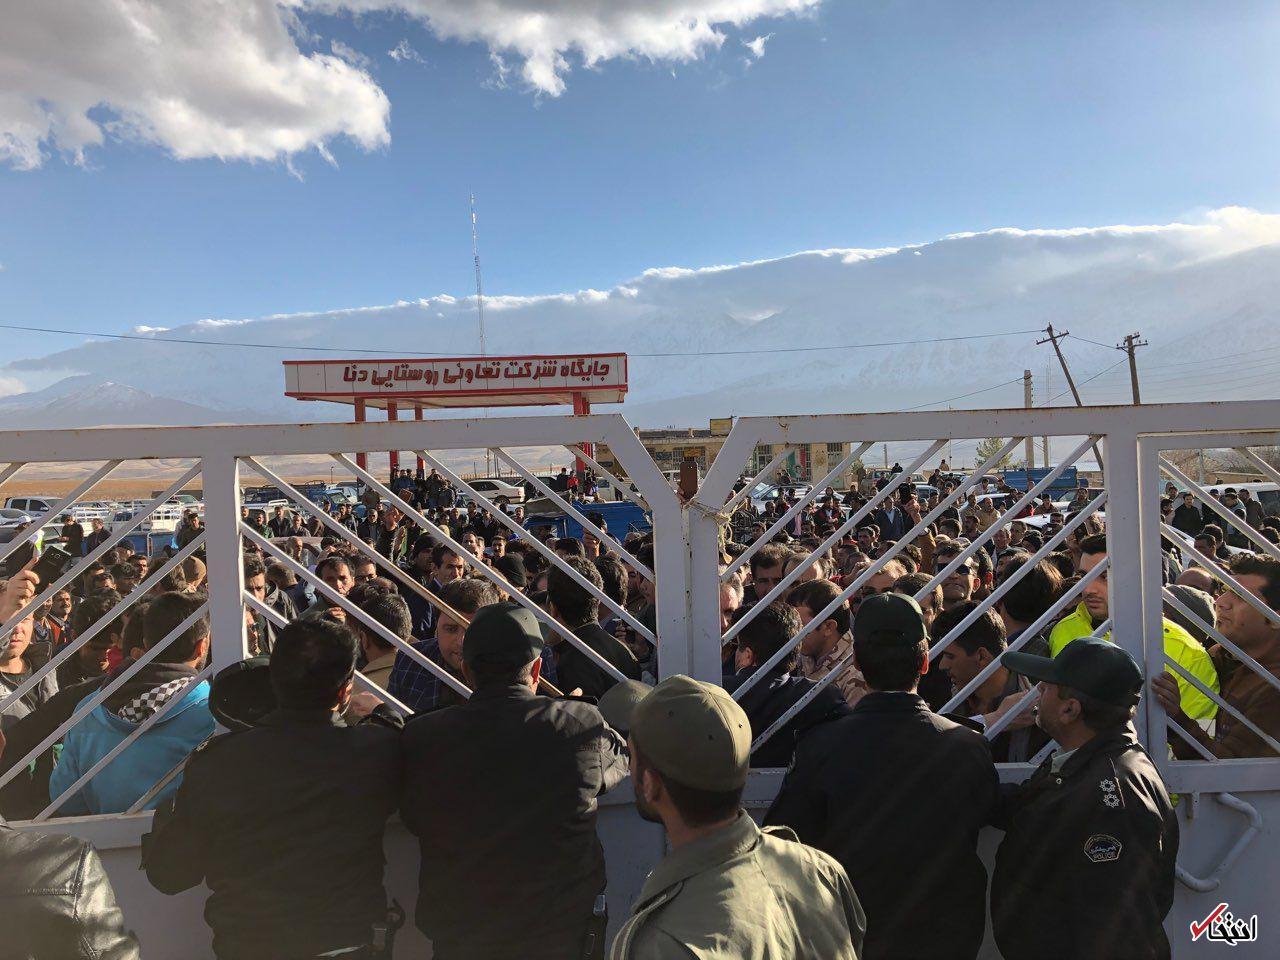 تجمع خانواده های قربانیان ATR مقابل بخشداری دنا / ادعای یکی از افراد محلی: هواپیما را در ارتفاع پایین در حرکت به سمت قله «نول» دیده ام